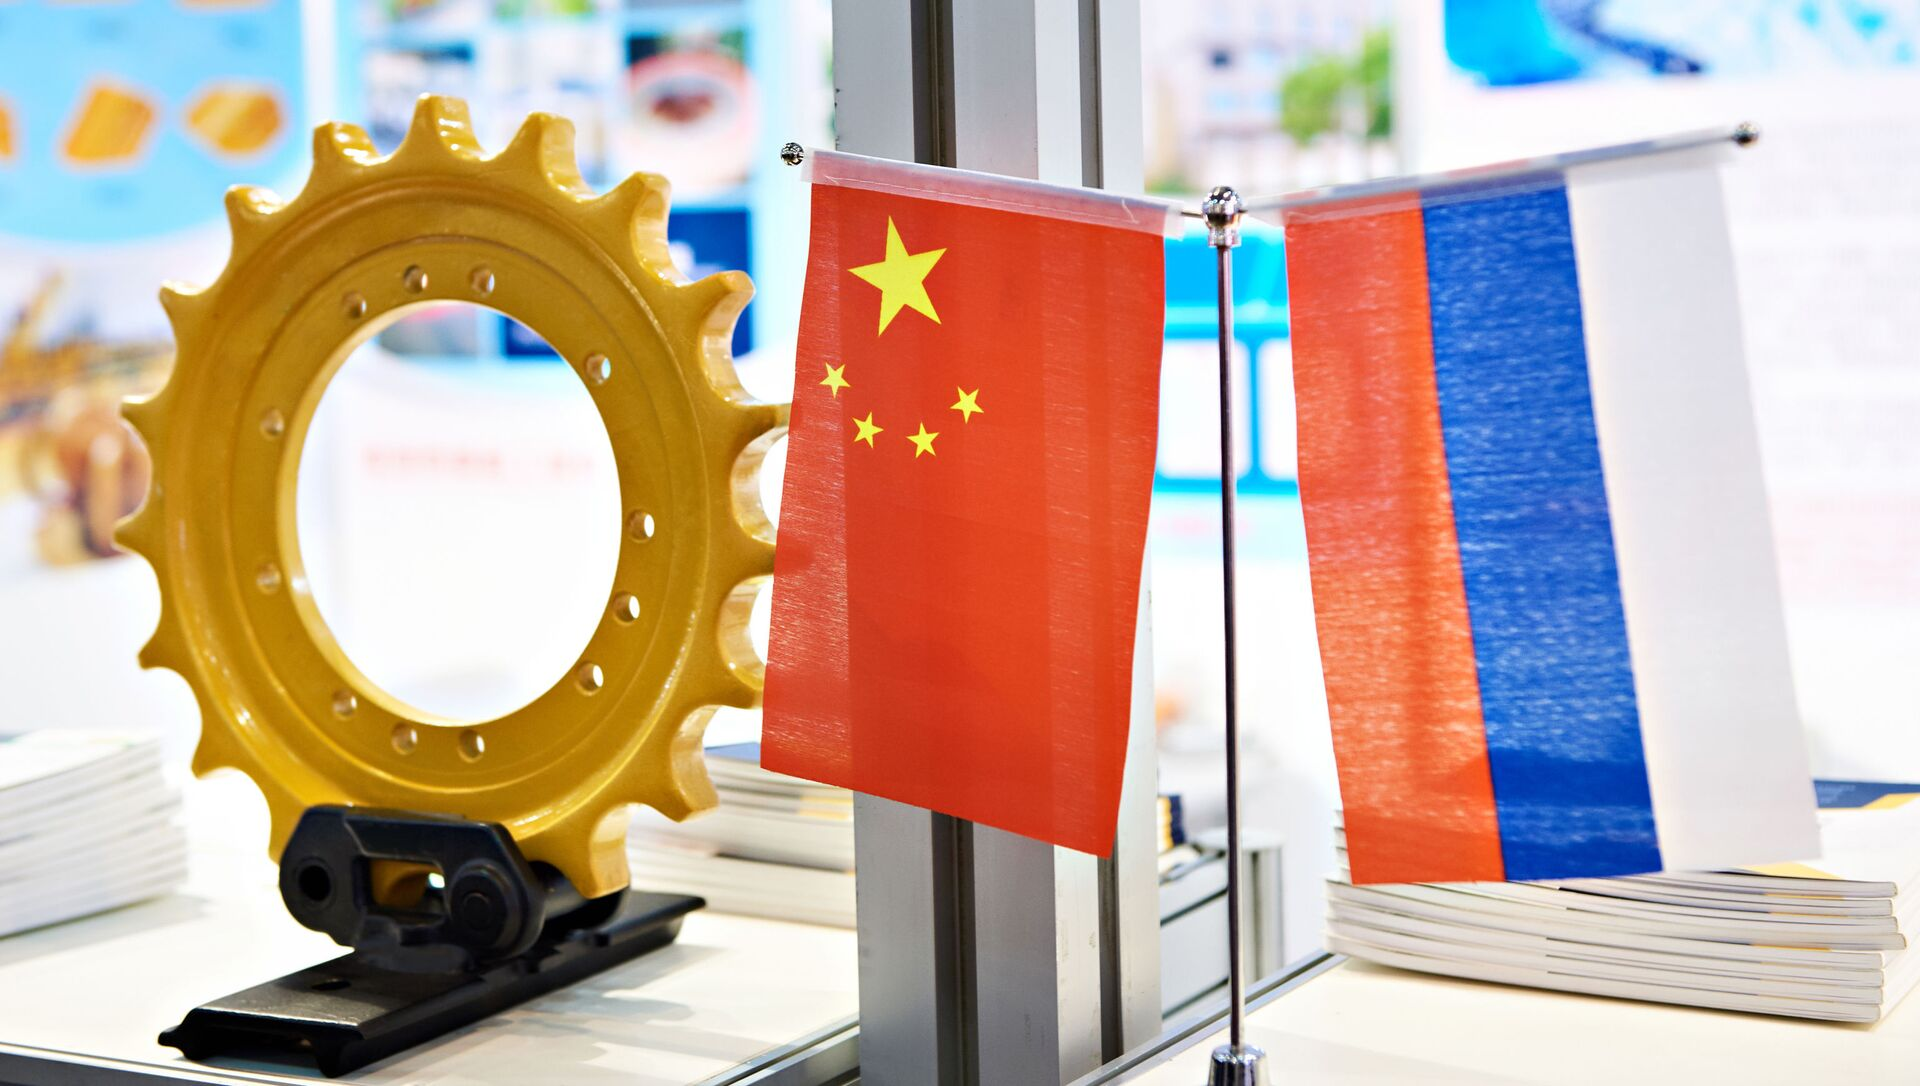 Bandiere Russia Cina - Sputnik Italia, 1920, 18.05.2021